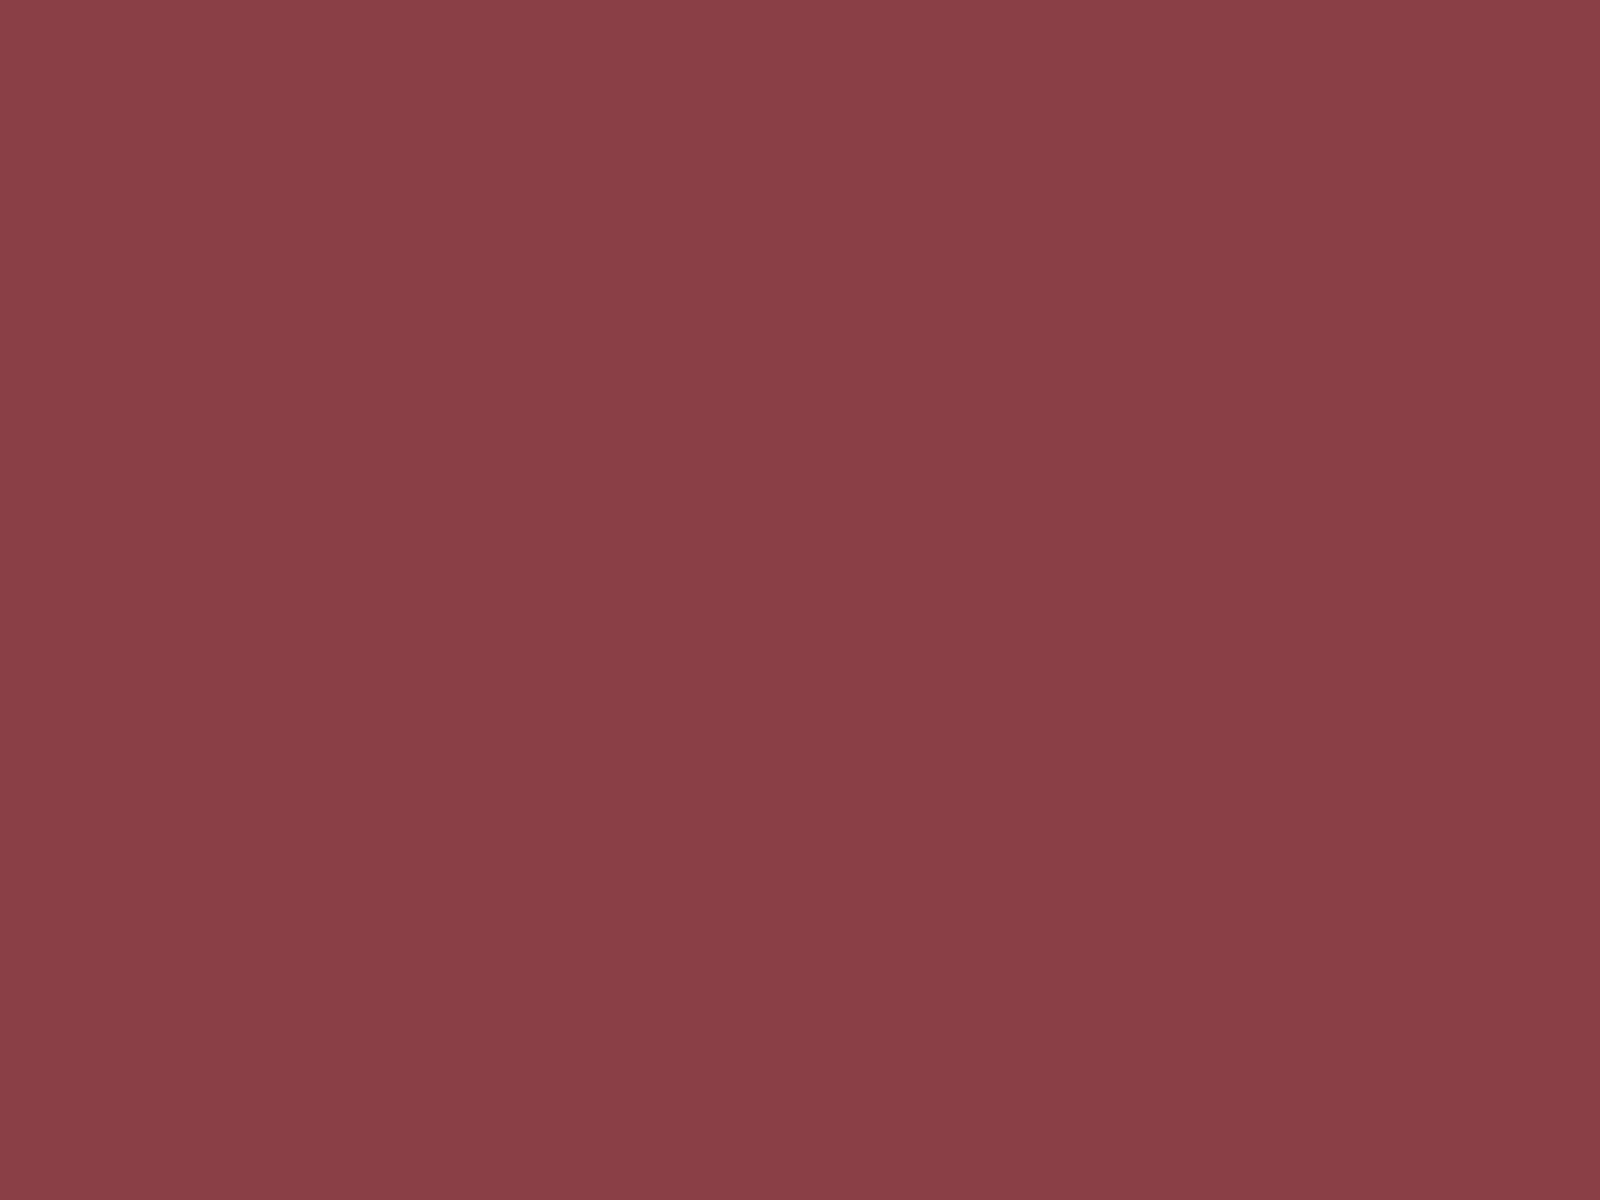 1600x1200 Cordovan Solid Color Background